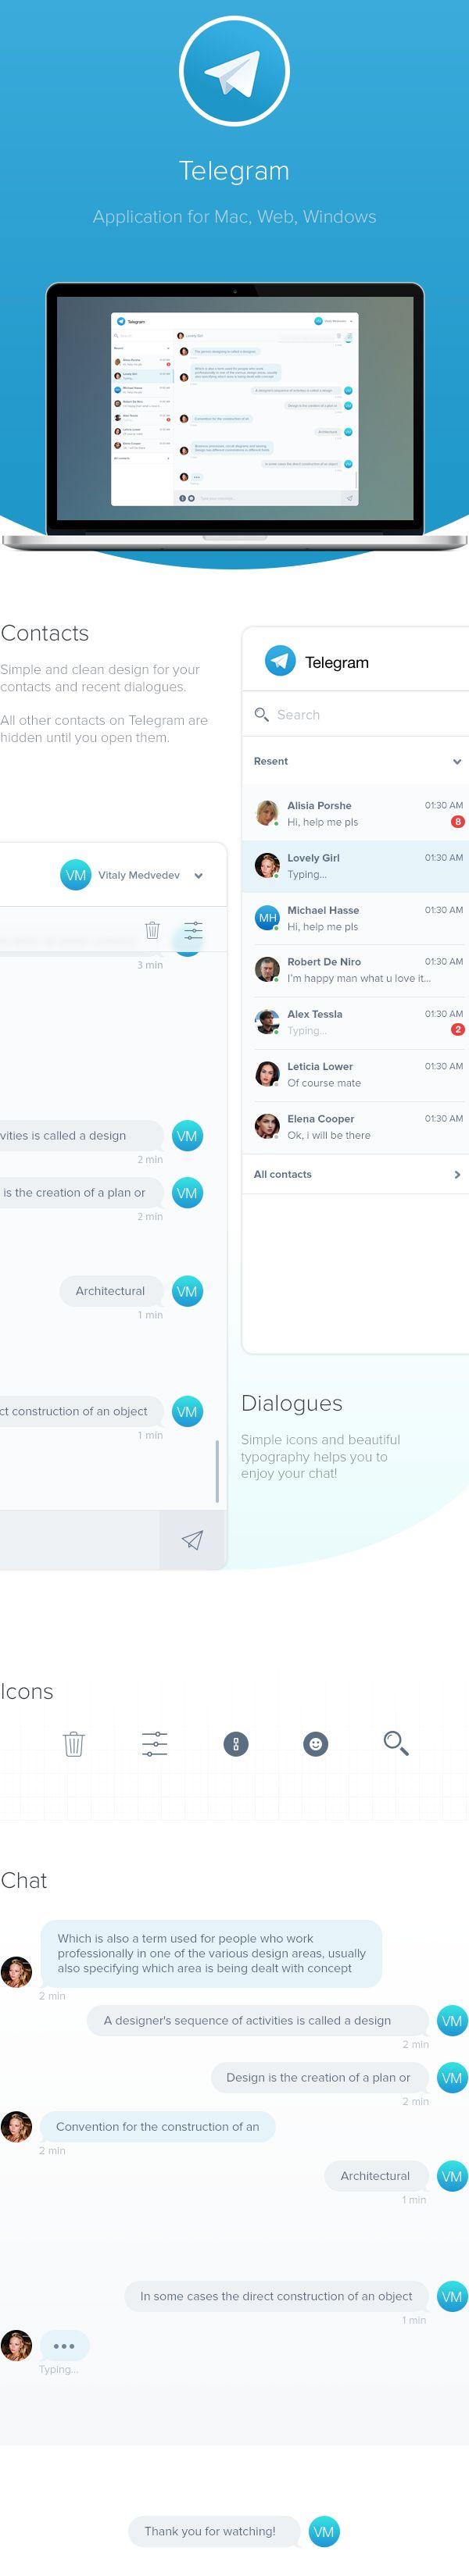 Telegram Messenger on Behance